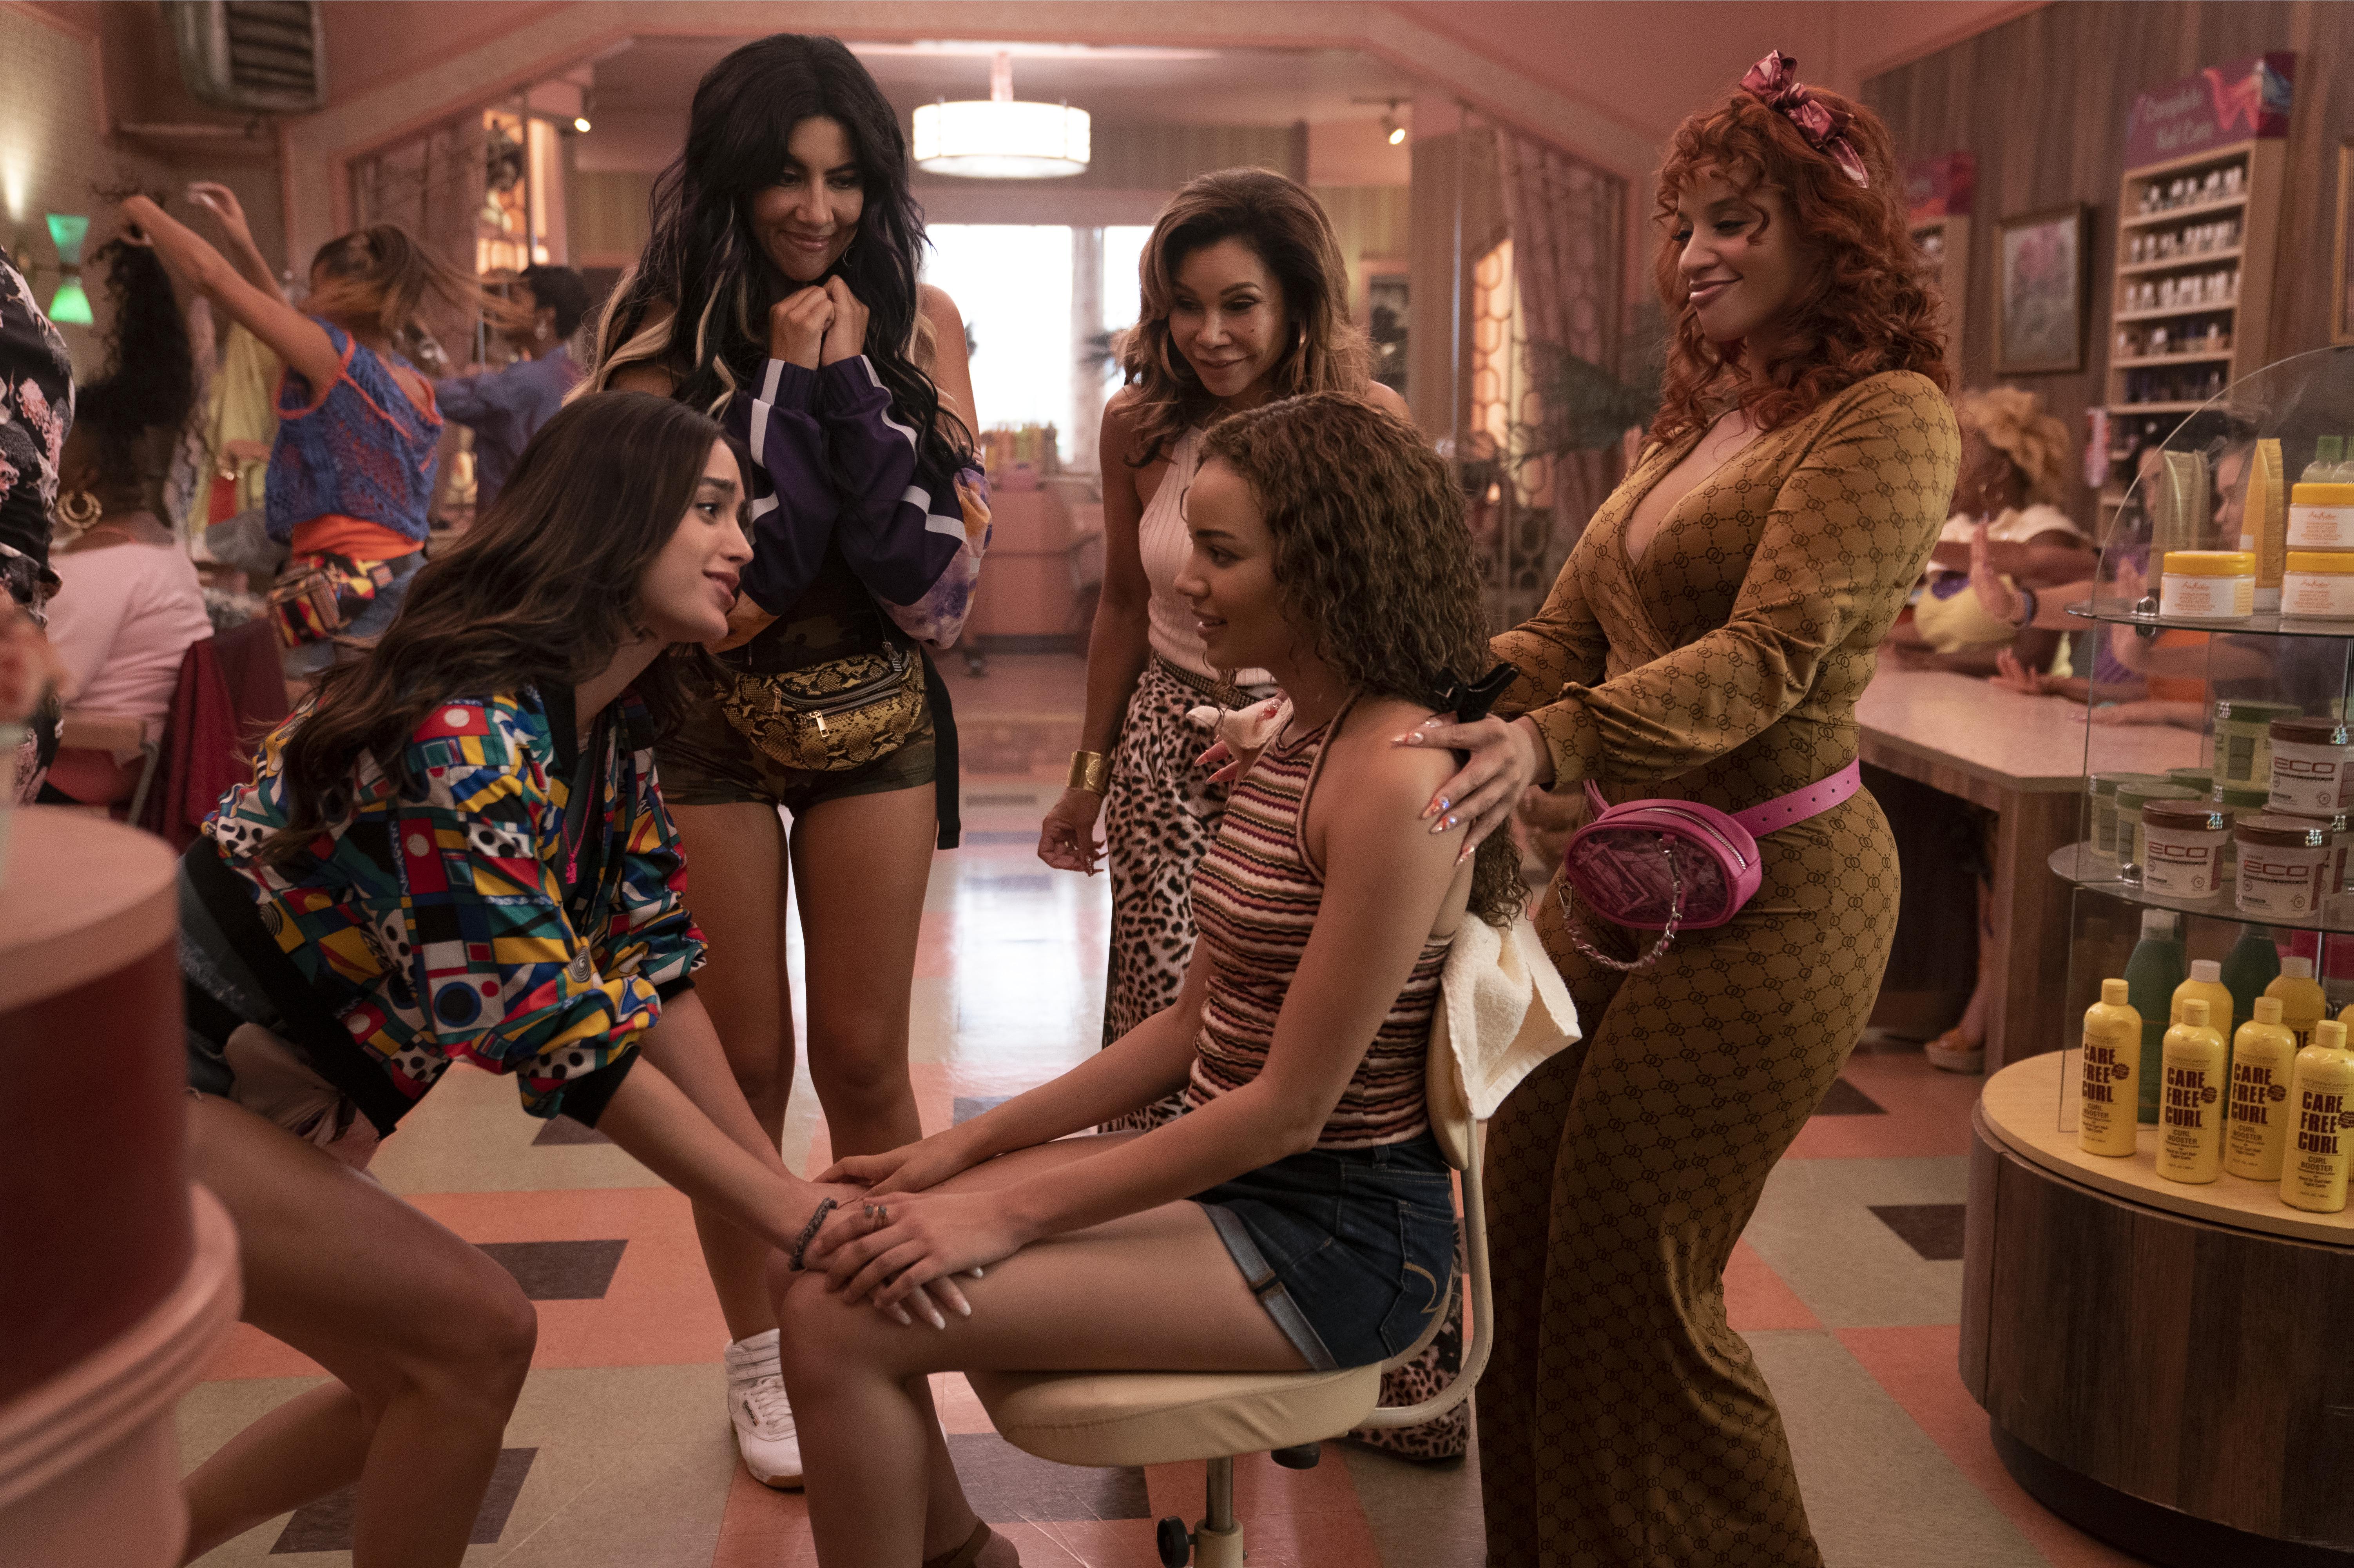 Five women in a beauty salon.